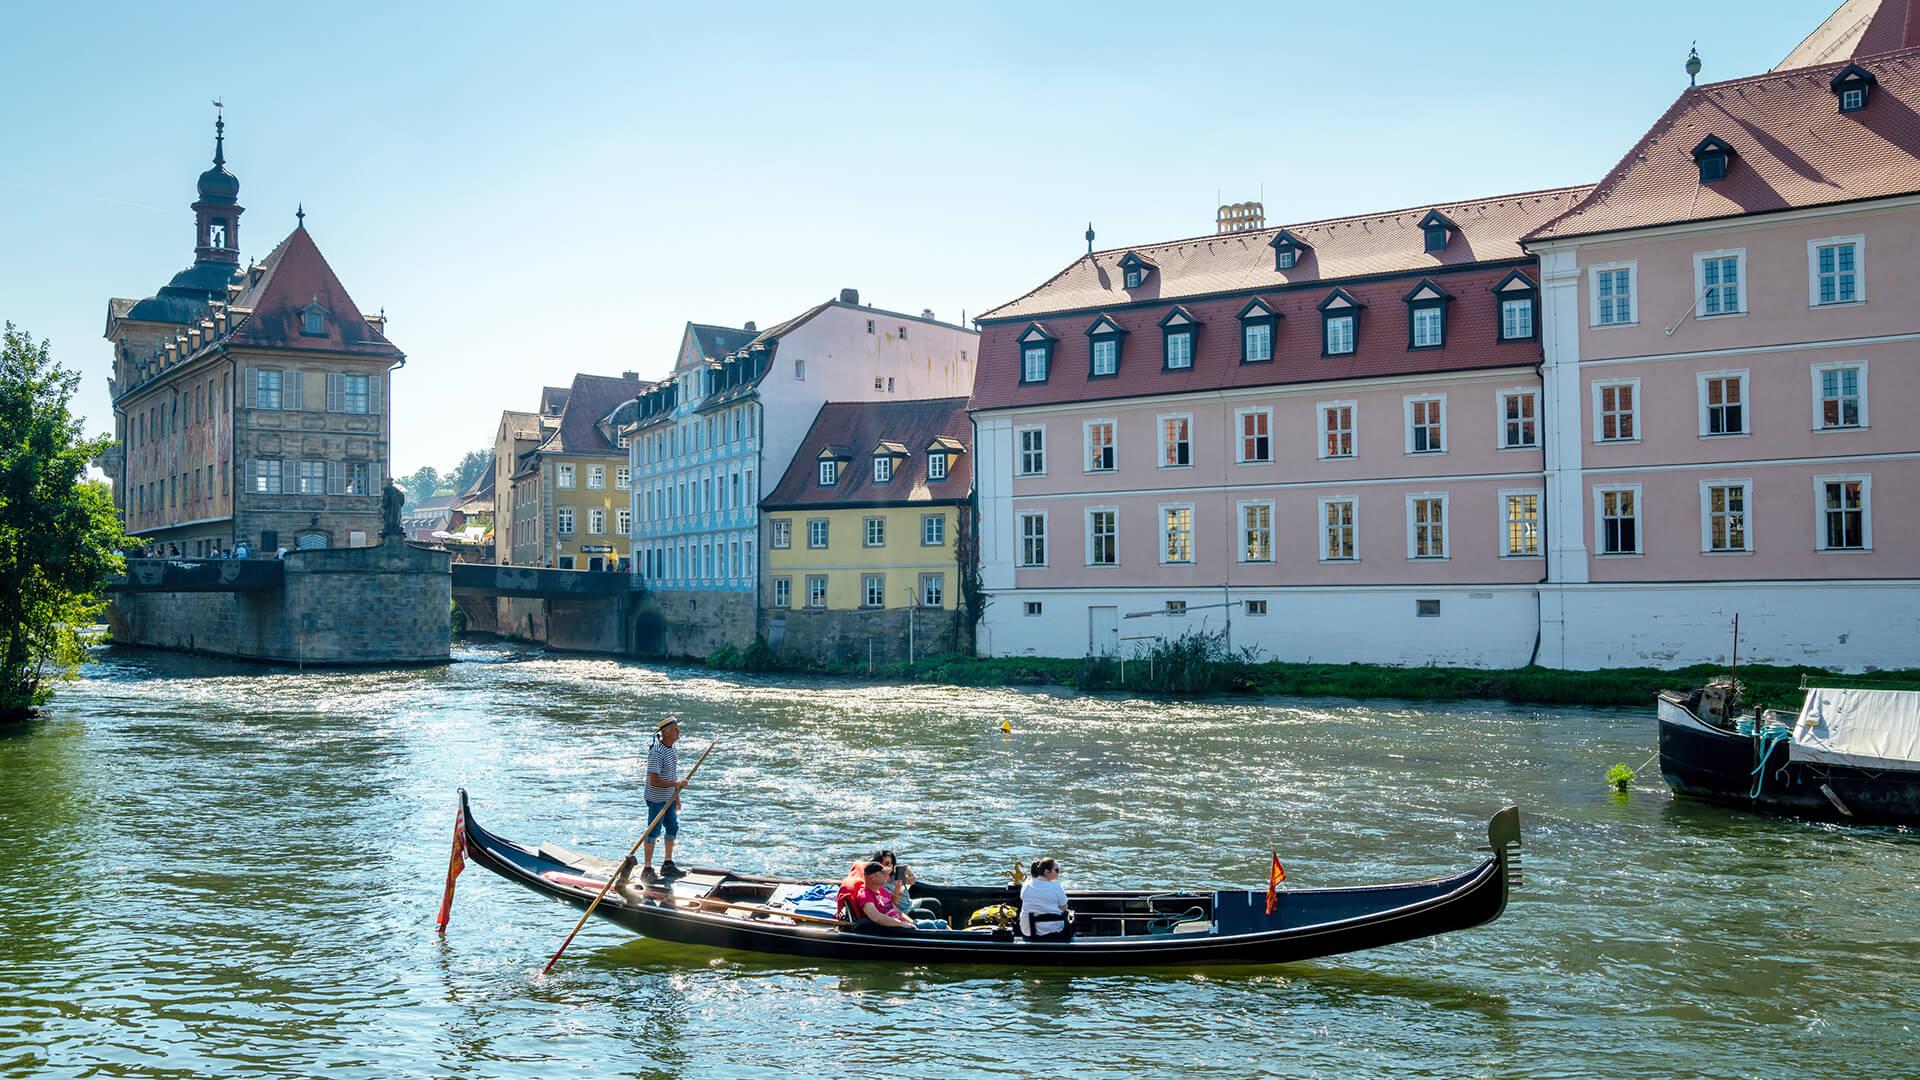 Bamberg: Gondola ride through Bamberg on the Regnitz